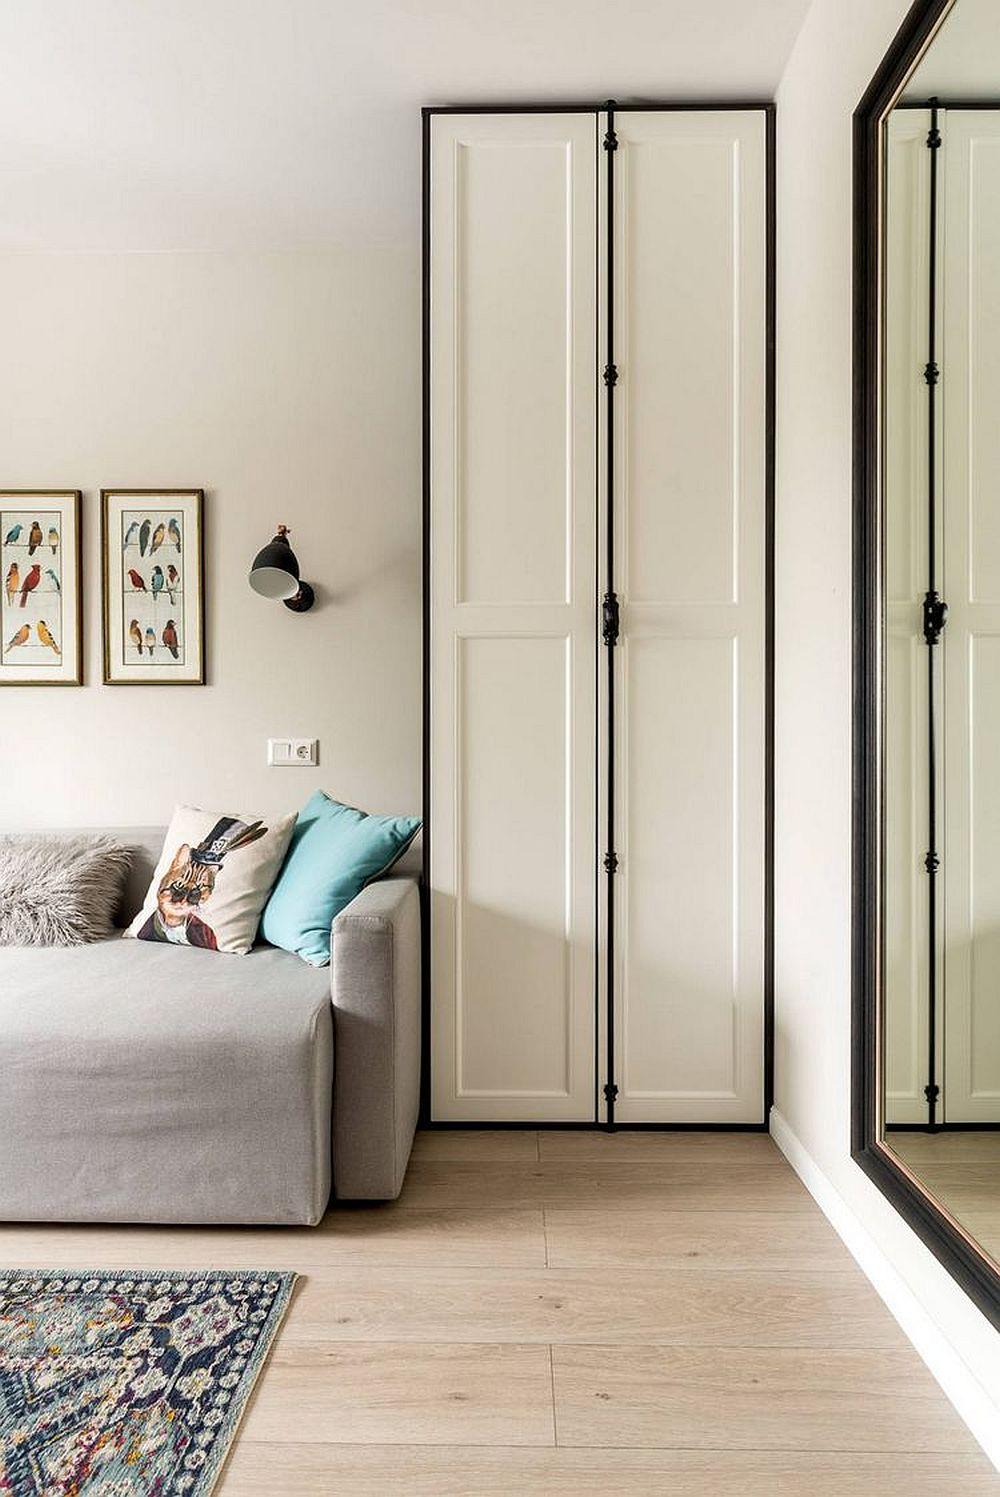 Canapeaua este încadrată de dulapuri înalte care asigură loc de depozitare din plin. În plus, prezența canapelei dă senzația de living, nu de cameră de tineret.